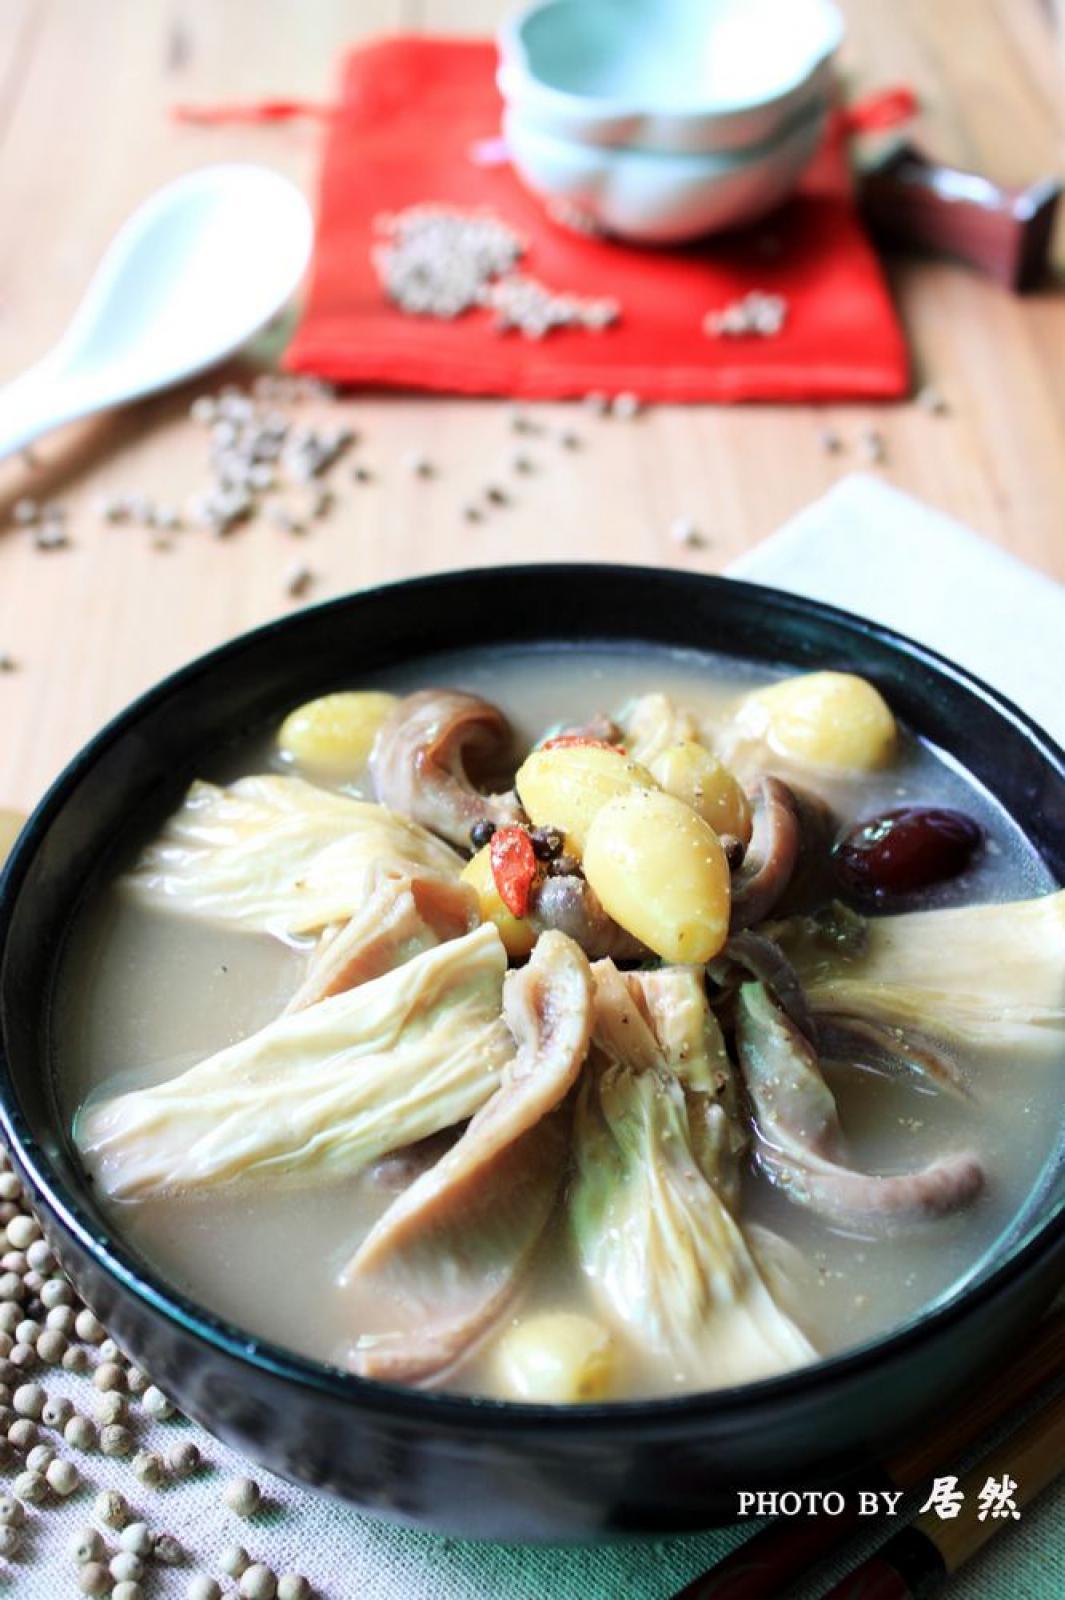 【胡椒豬肚湯】 如何煲出一碗上好的豬肚湯(附圖解豬肚清洗方案)_豬肚湯_淘居然的日志_美食天下